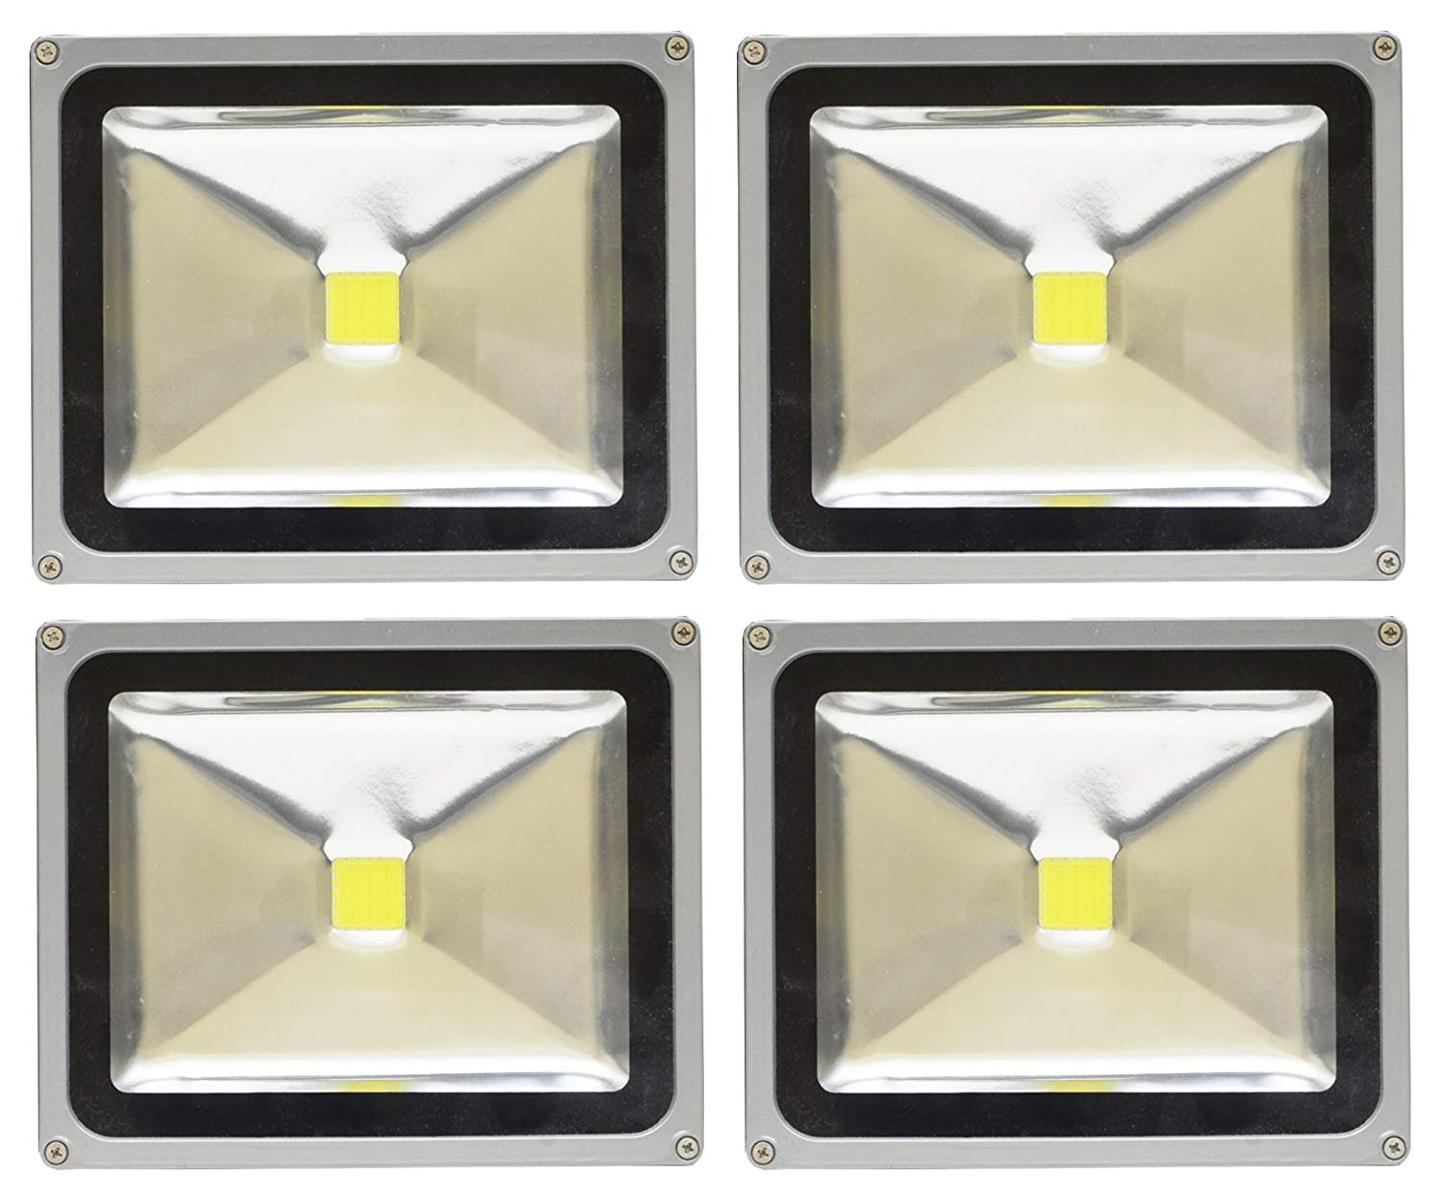 【4個セット】LED 投光器 30W 300W相当 LED投光器 昼光色 6000K 広角120度 防水加工 3mコード付き 【ledライト 投光機 看板灯 集魚灯 作業灯 駐車場灯 ナイター 屋内 屋外 照明 船舶 人気】 送料無料 A42C